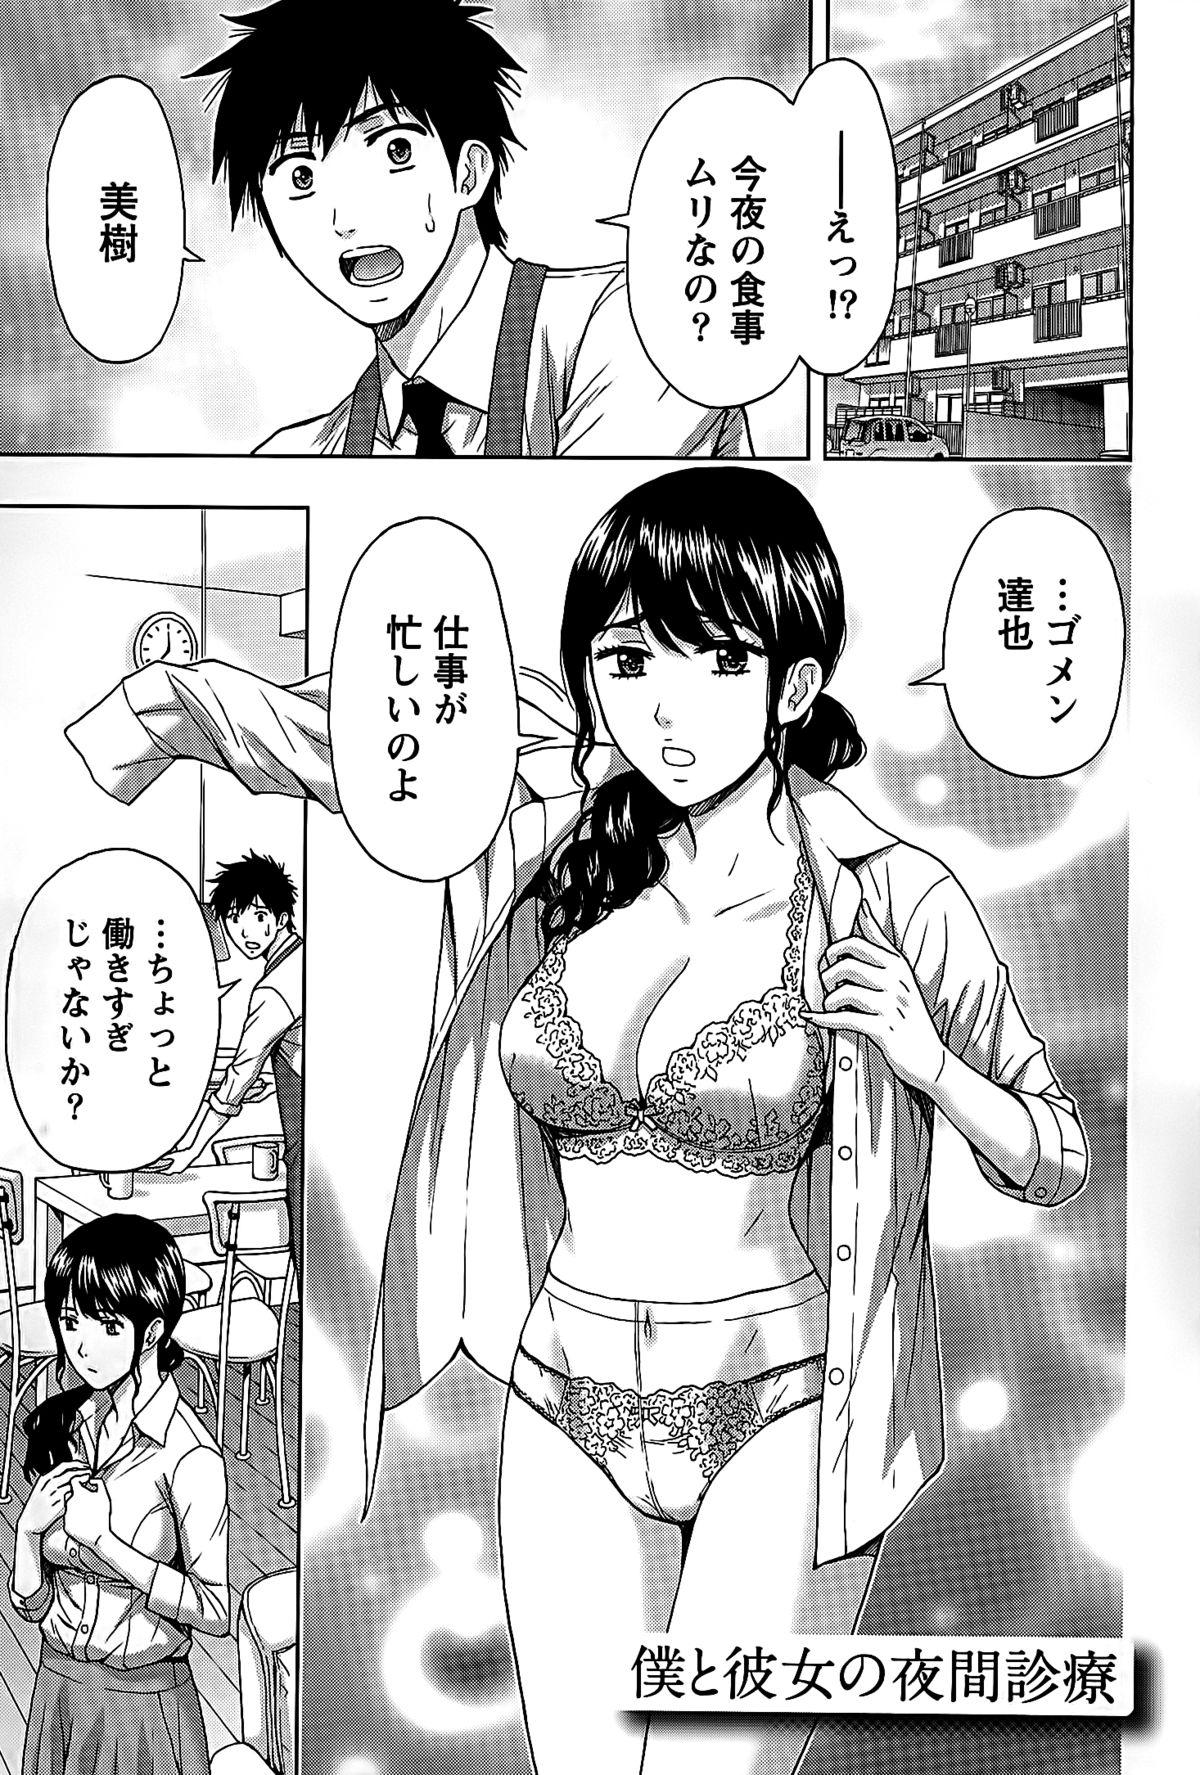 Shittori Lady to Amai Mitsu 66